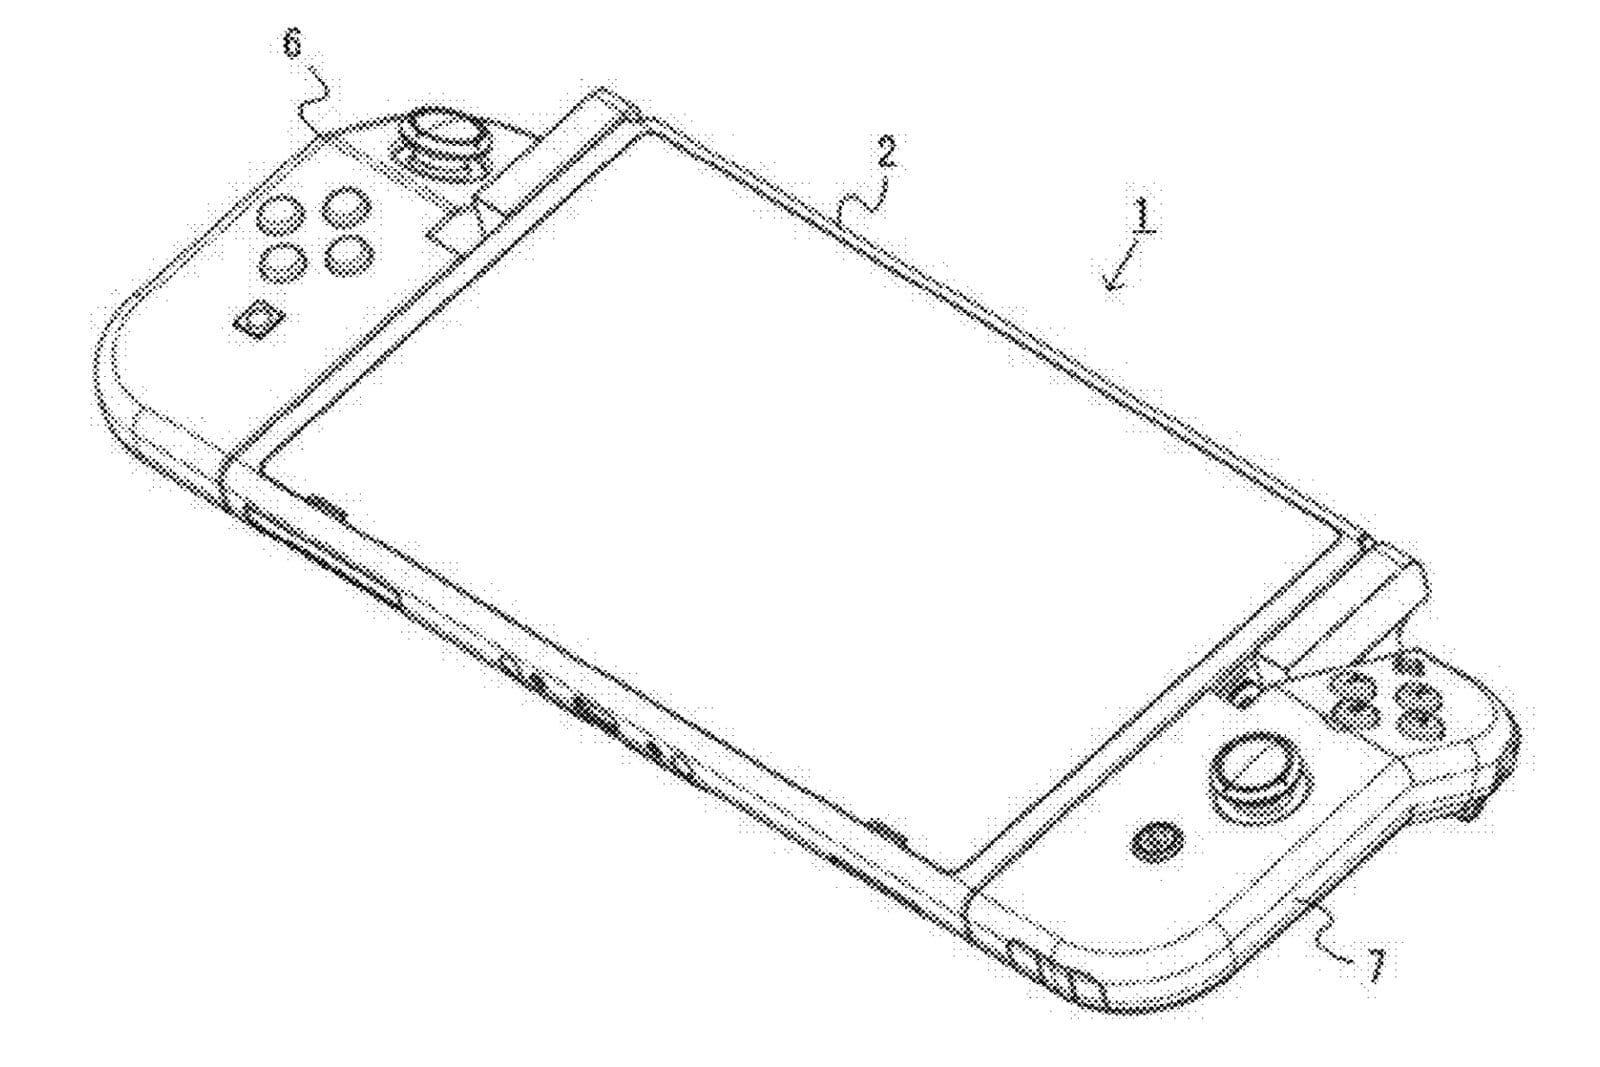 Nintendo / USPTO